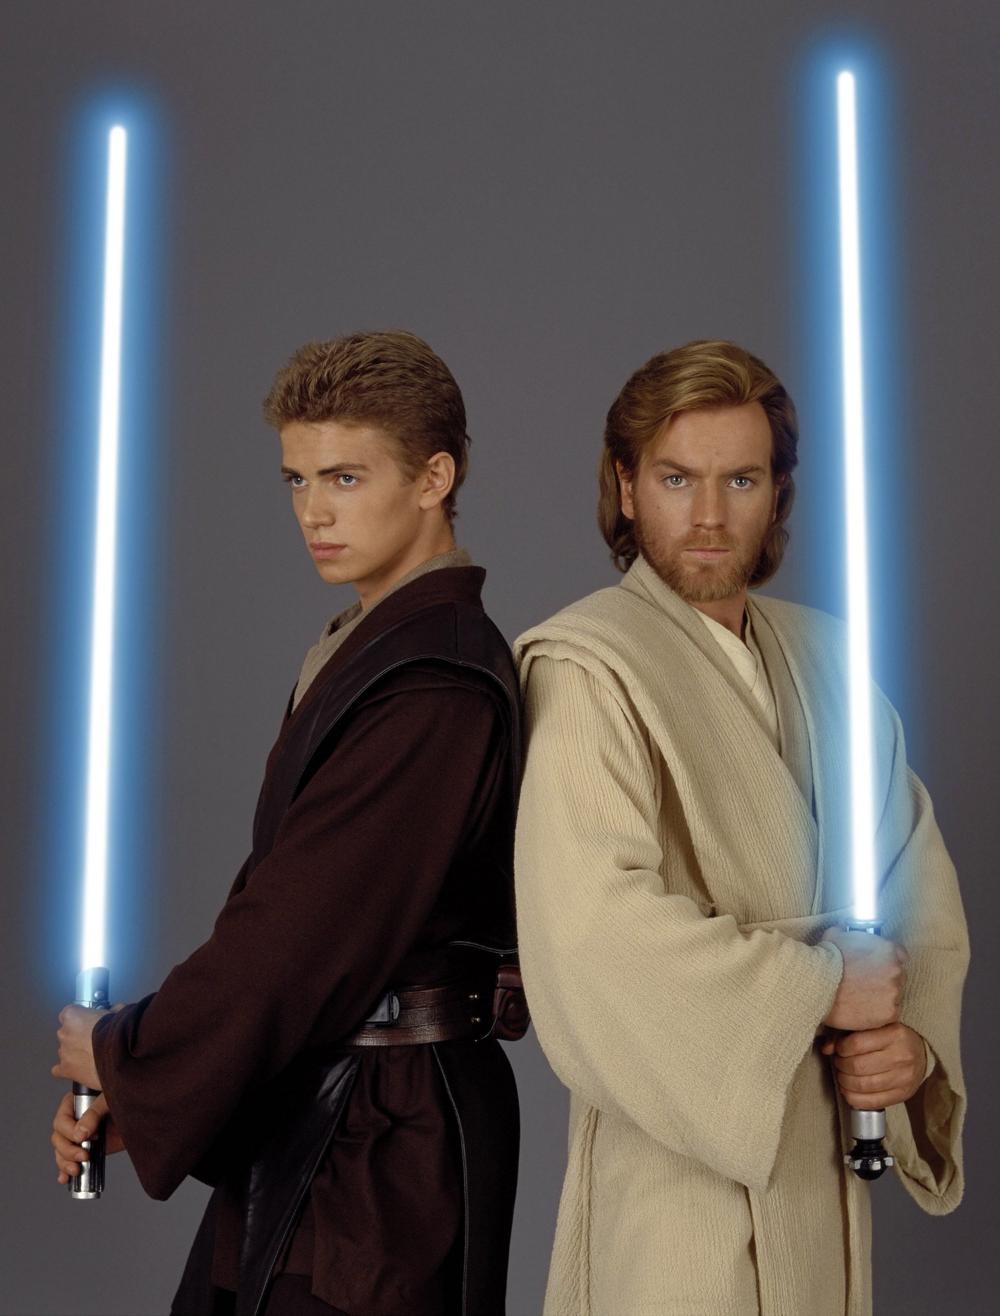 Dark Picard On Twitter Star Wars Episode Ii Star Wars Images Star Wars Anakin